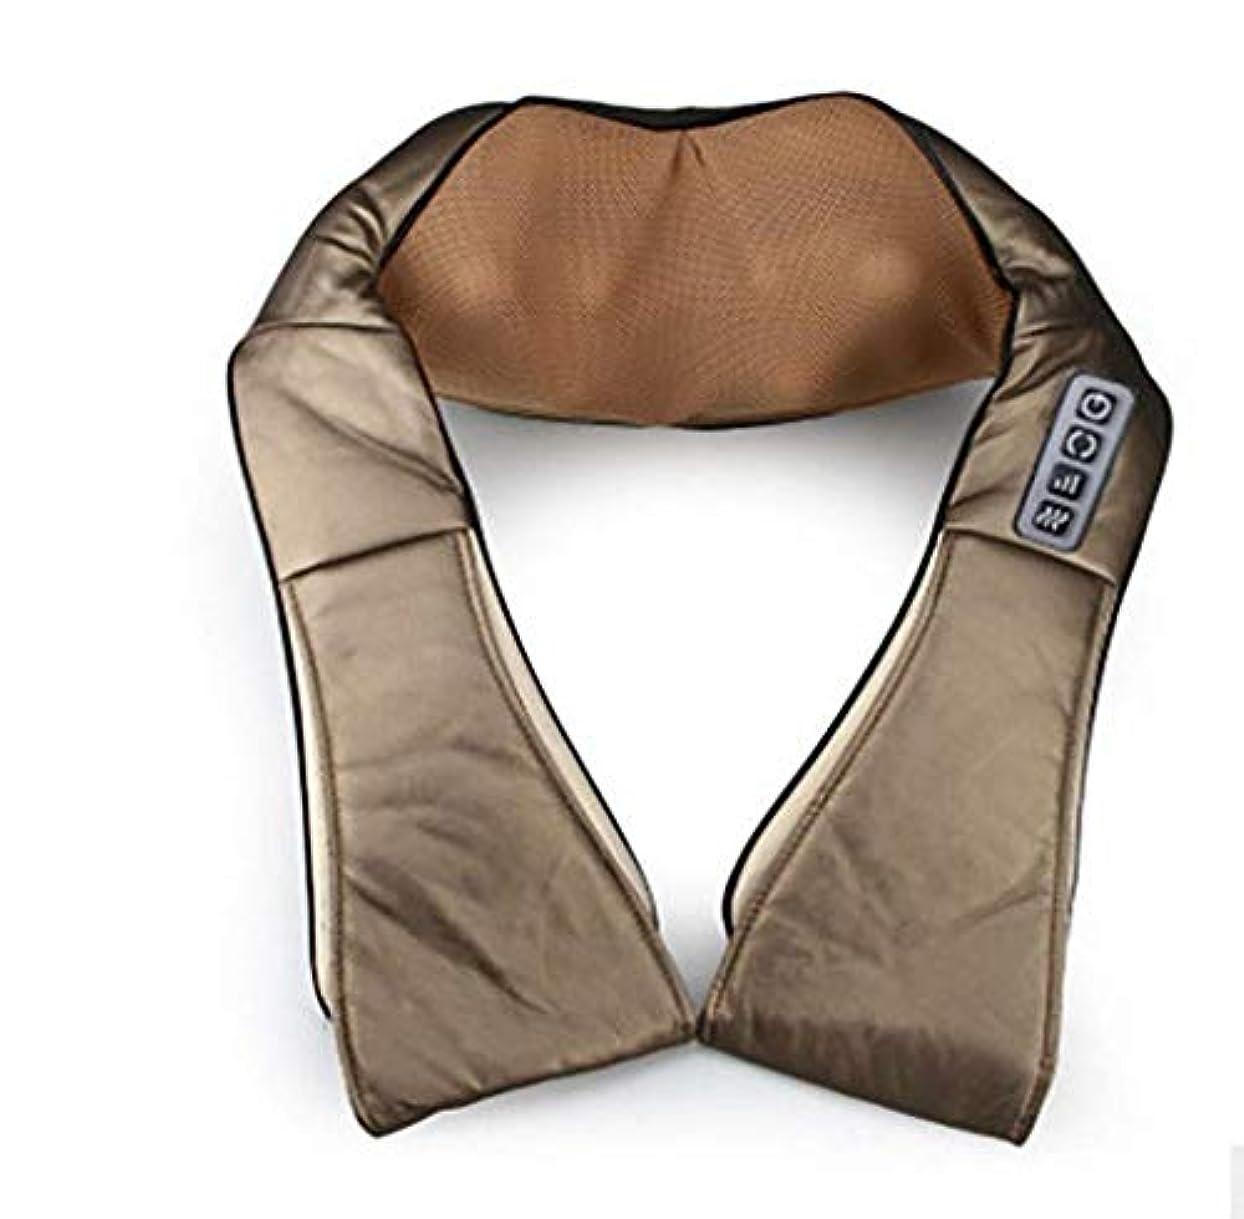 シールド報酬ジョセフバンクスネックマッサージャー、子宮頸マッサージ、U字型/赤外線/スマート/ 4Dフィンガープレス/混練マッサージ、首の筋肉をリラックスには、痛みを和らげます (Color : Brown, Size : 4keys)